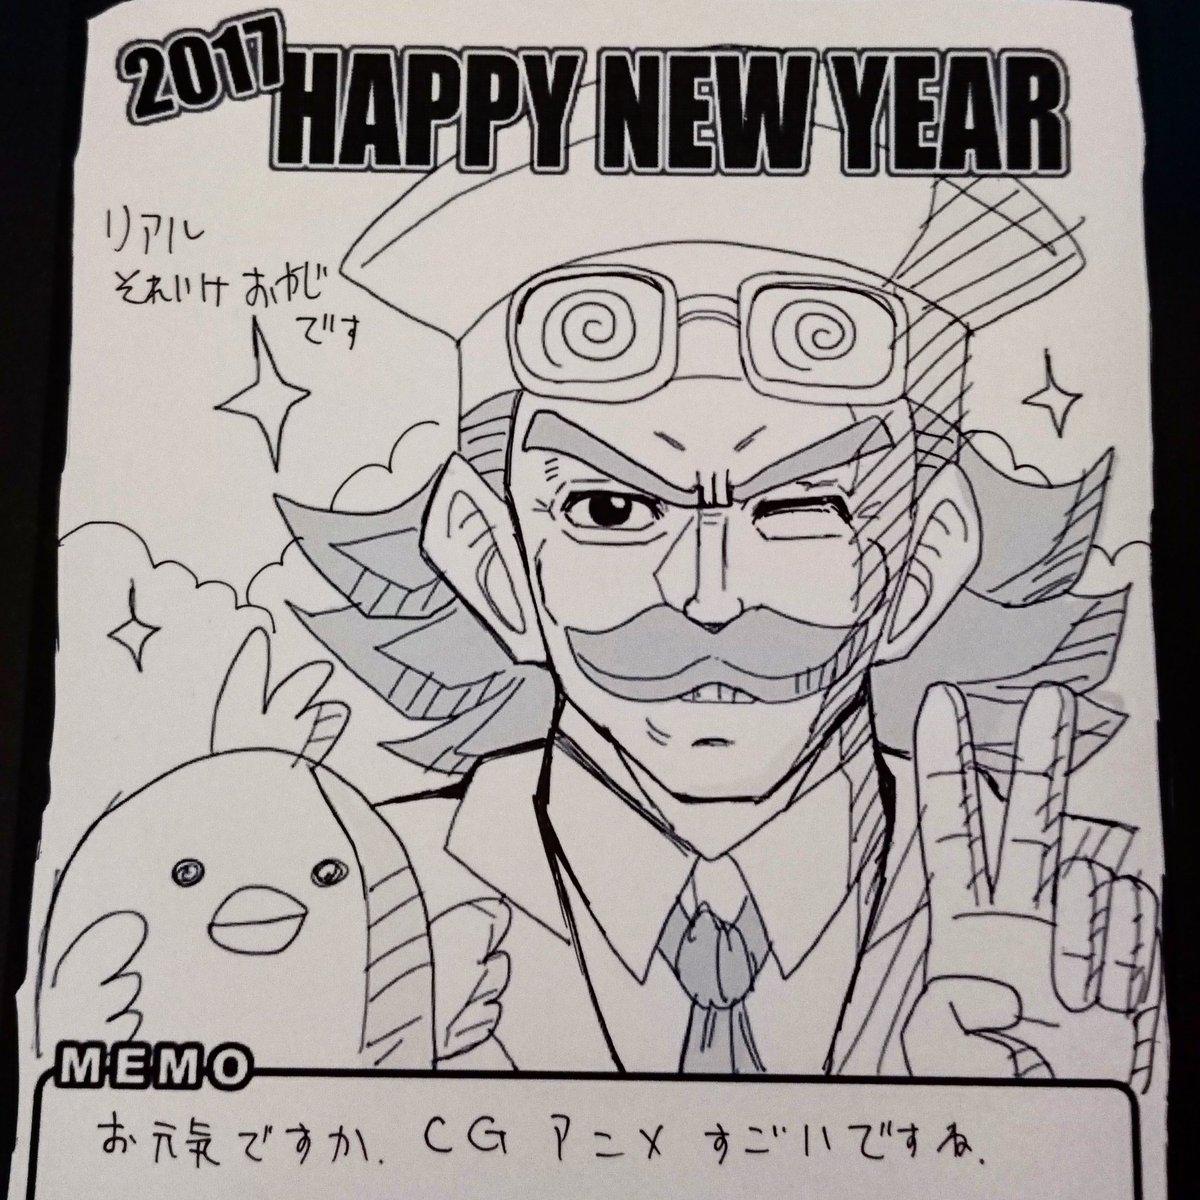 帰ったら年賀状が届いていた。友達からの「それいけおやぢ」のリアル版イラスト。こんな昔に作ったキャラクターを覚えていてくれて…嬉しいよ(ToT)